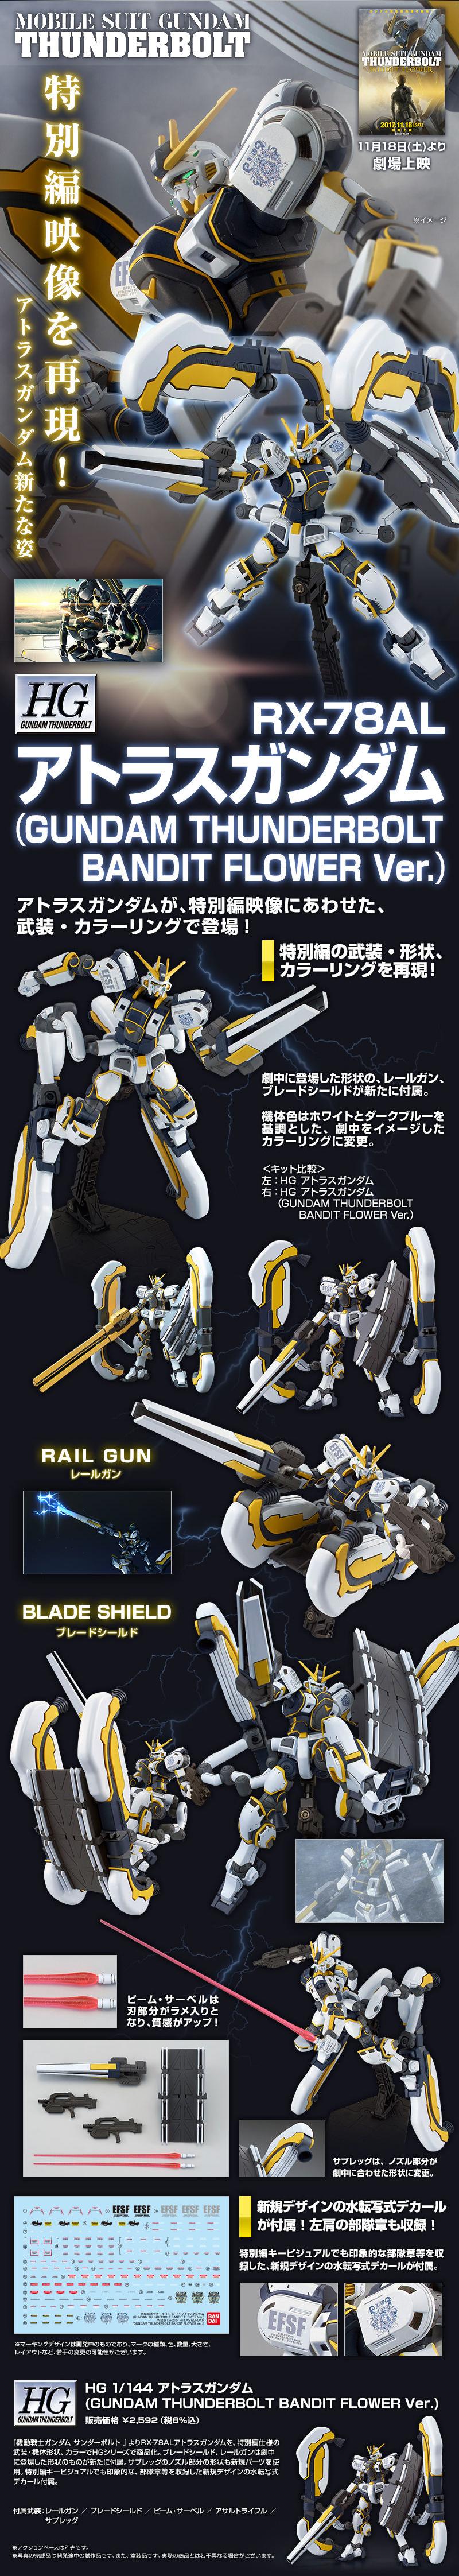 HG 1/144 RX-78AL アトラスガンダム(GUNDAM THUNDERBOLT BANDIT FLOWER Ver.)[Atlas Gundam] 公式商品説明(画像)